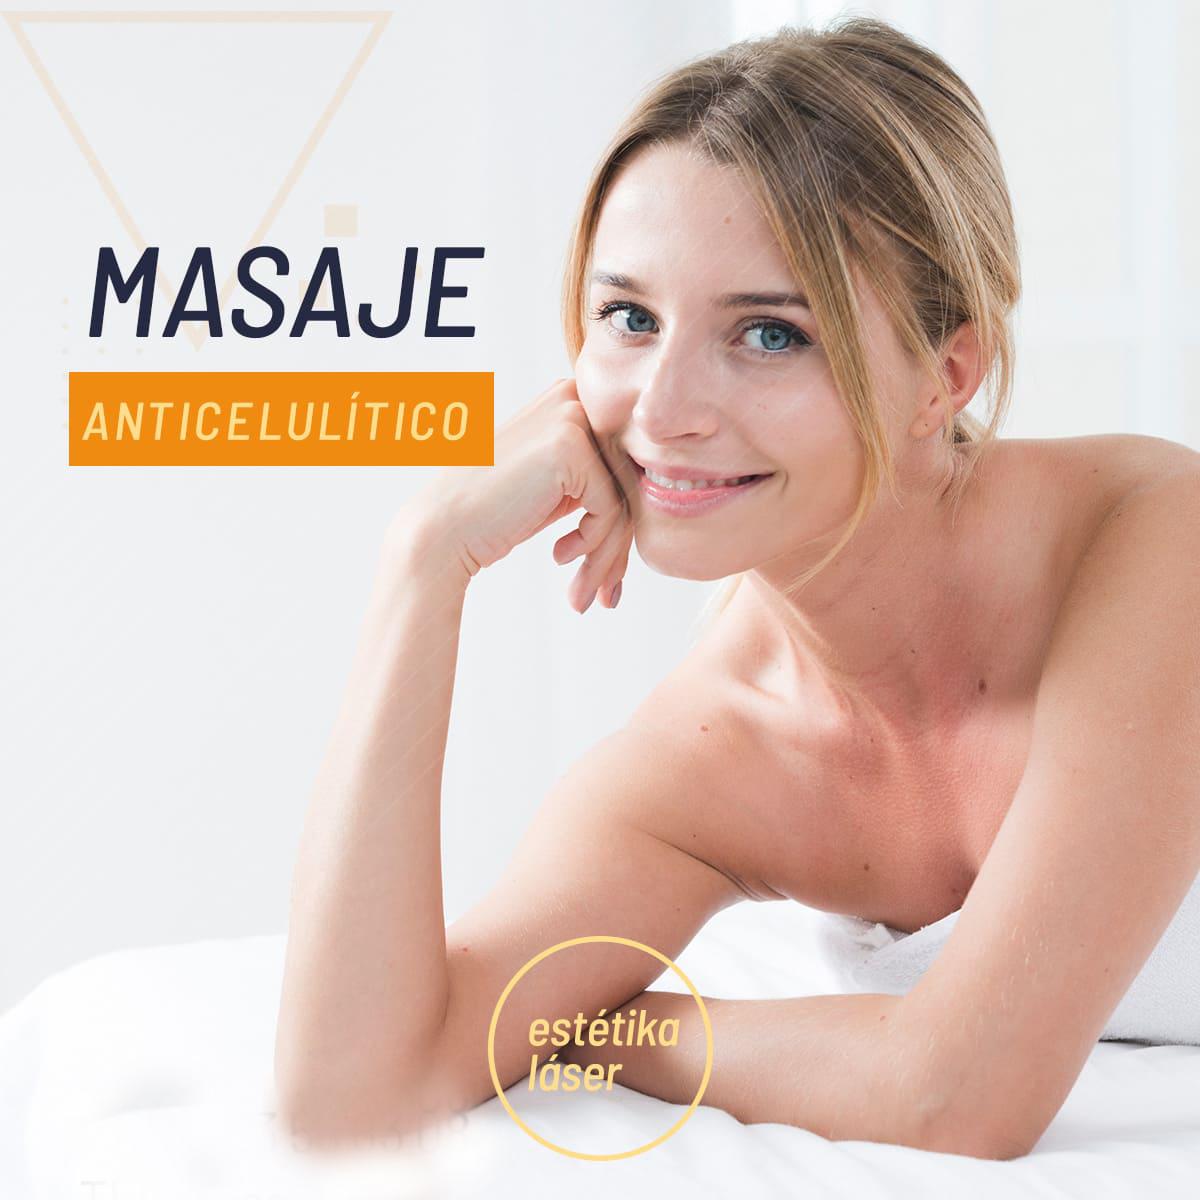 estetica avanzada murcia masaje anticelulítico